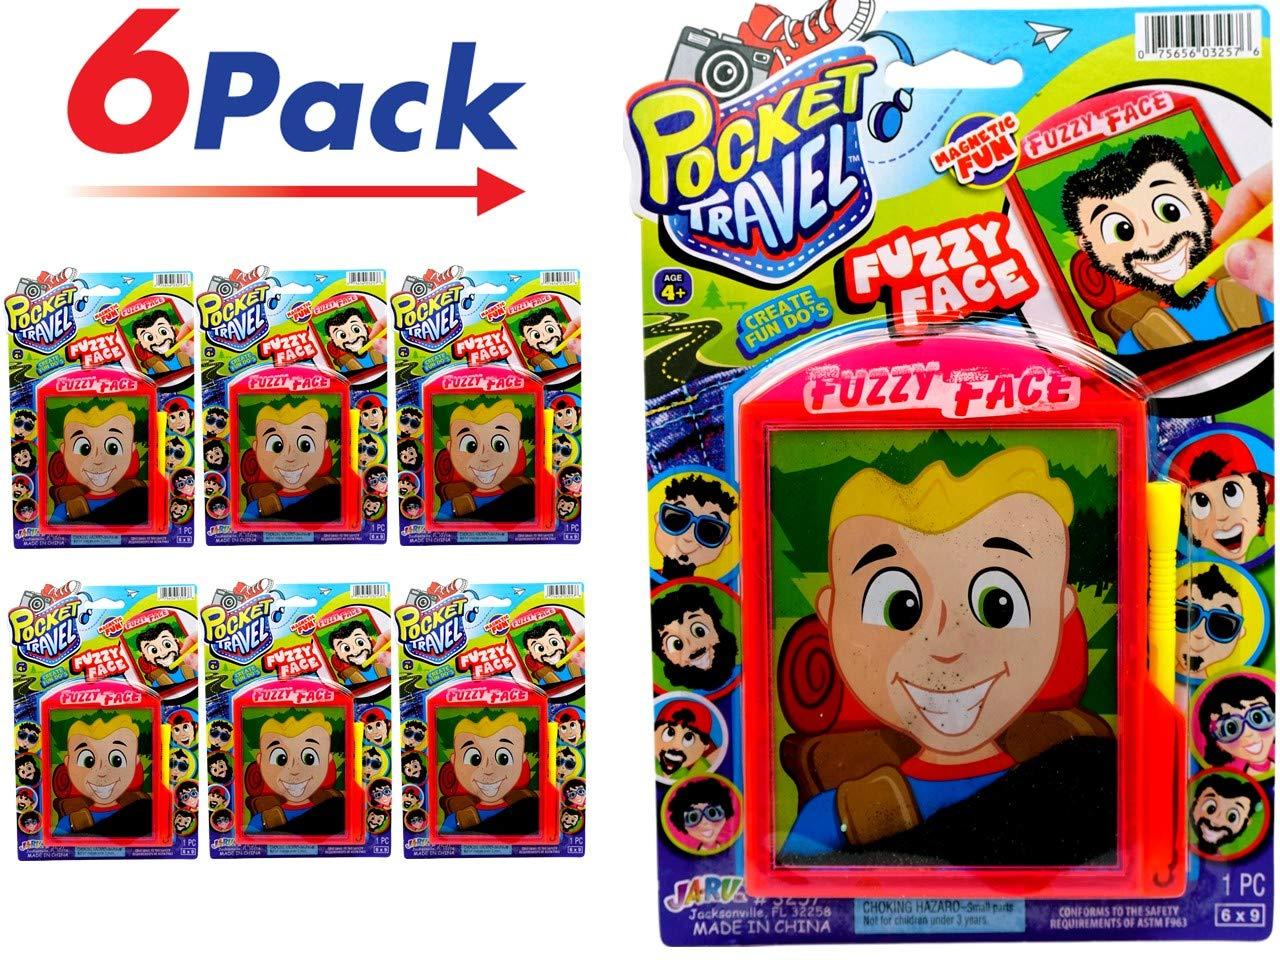 ポケット旅行Fuzzy面Game by ja-ru |磁気おもちゃSpark Your創造性by図面Facial Hairに異なる面6個パック| Item # 3257   B07BJYM91Q